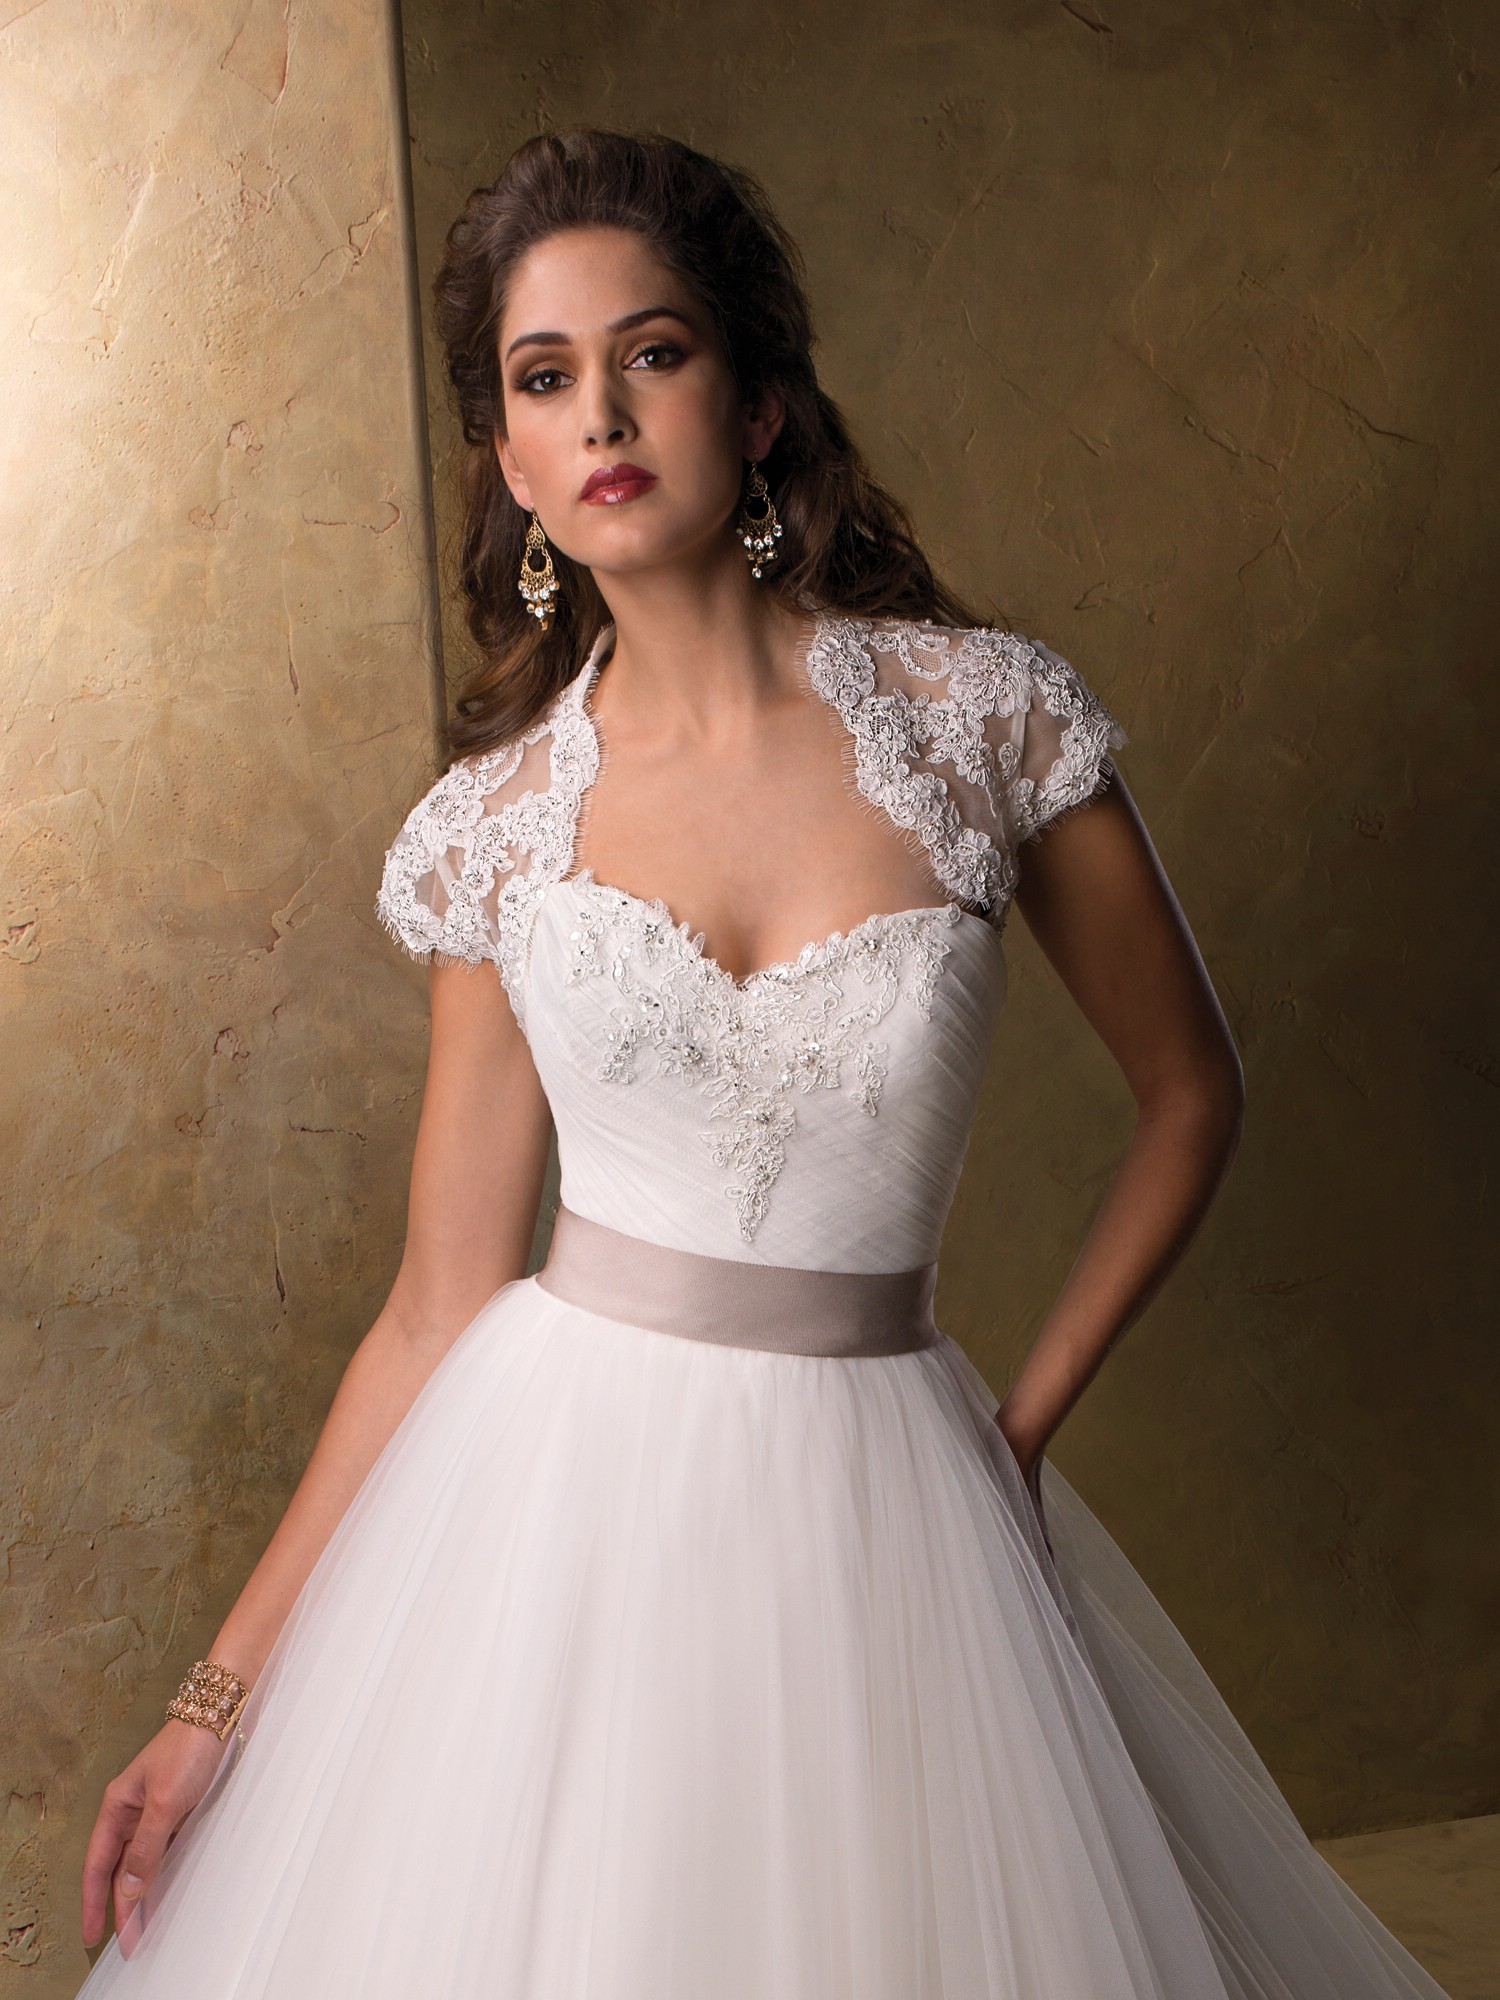 top ten wedding dresses most popular wedding dresses Top Ten Wedding Dresses 72